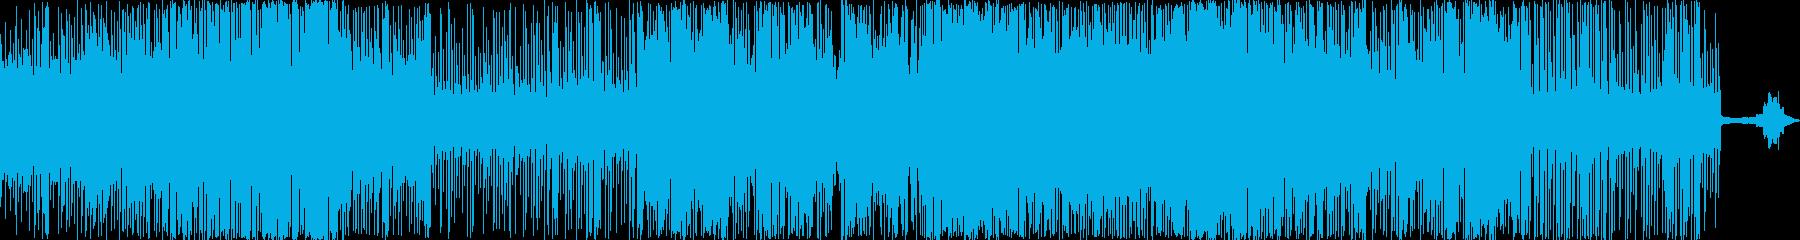 動画 技術的な 感情的 静か 繰り...の再生済みの波形